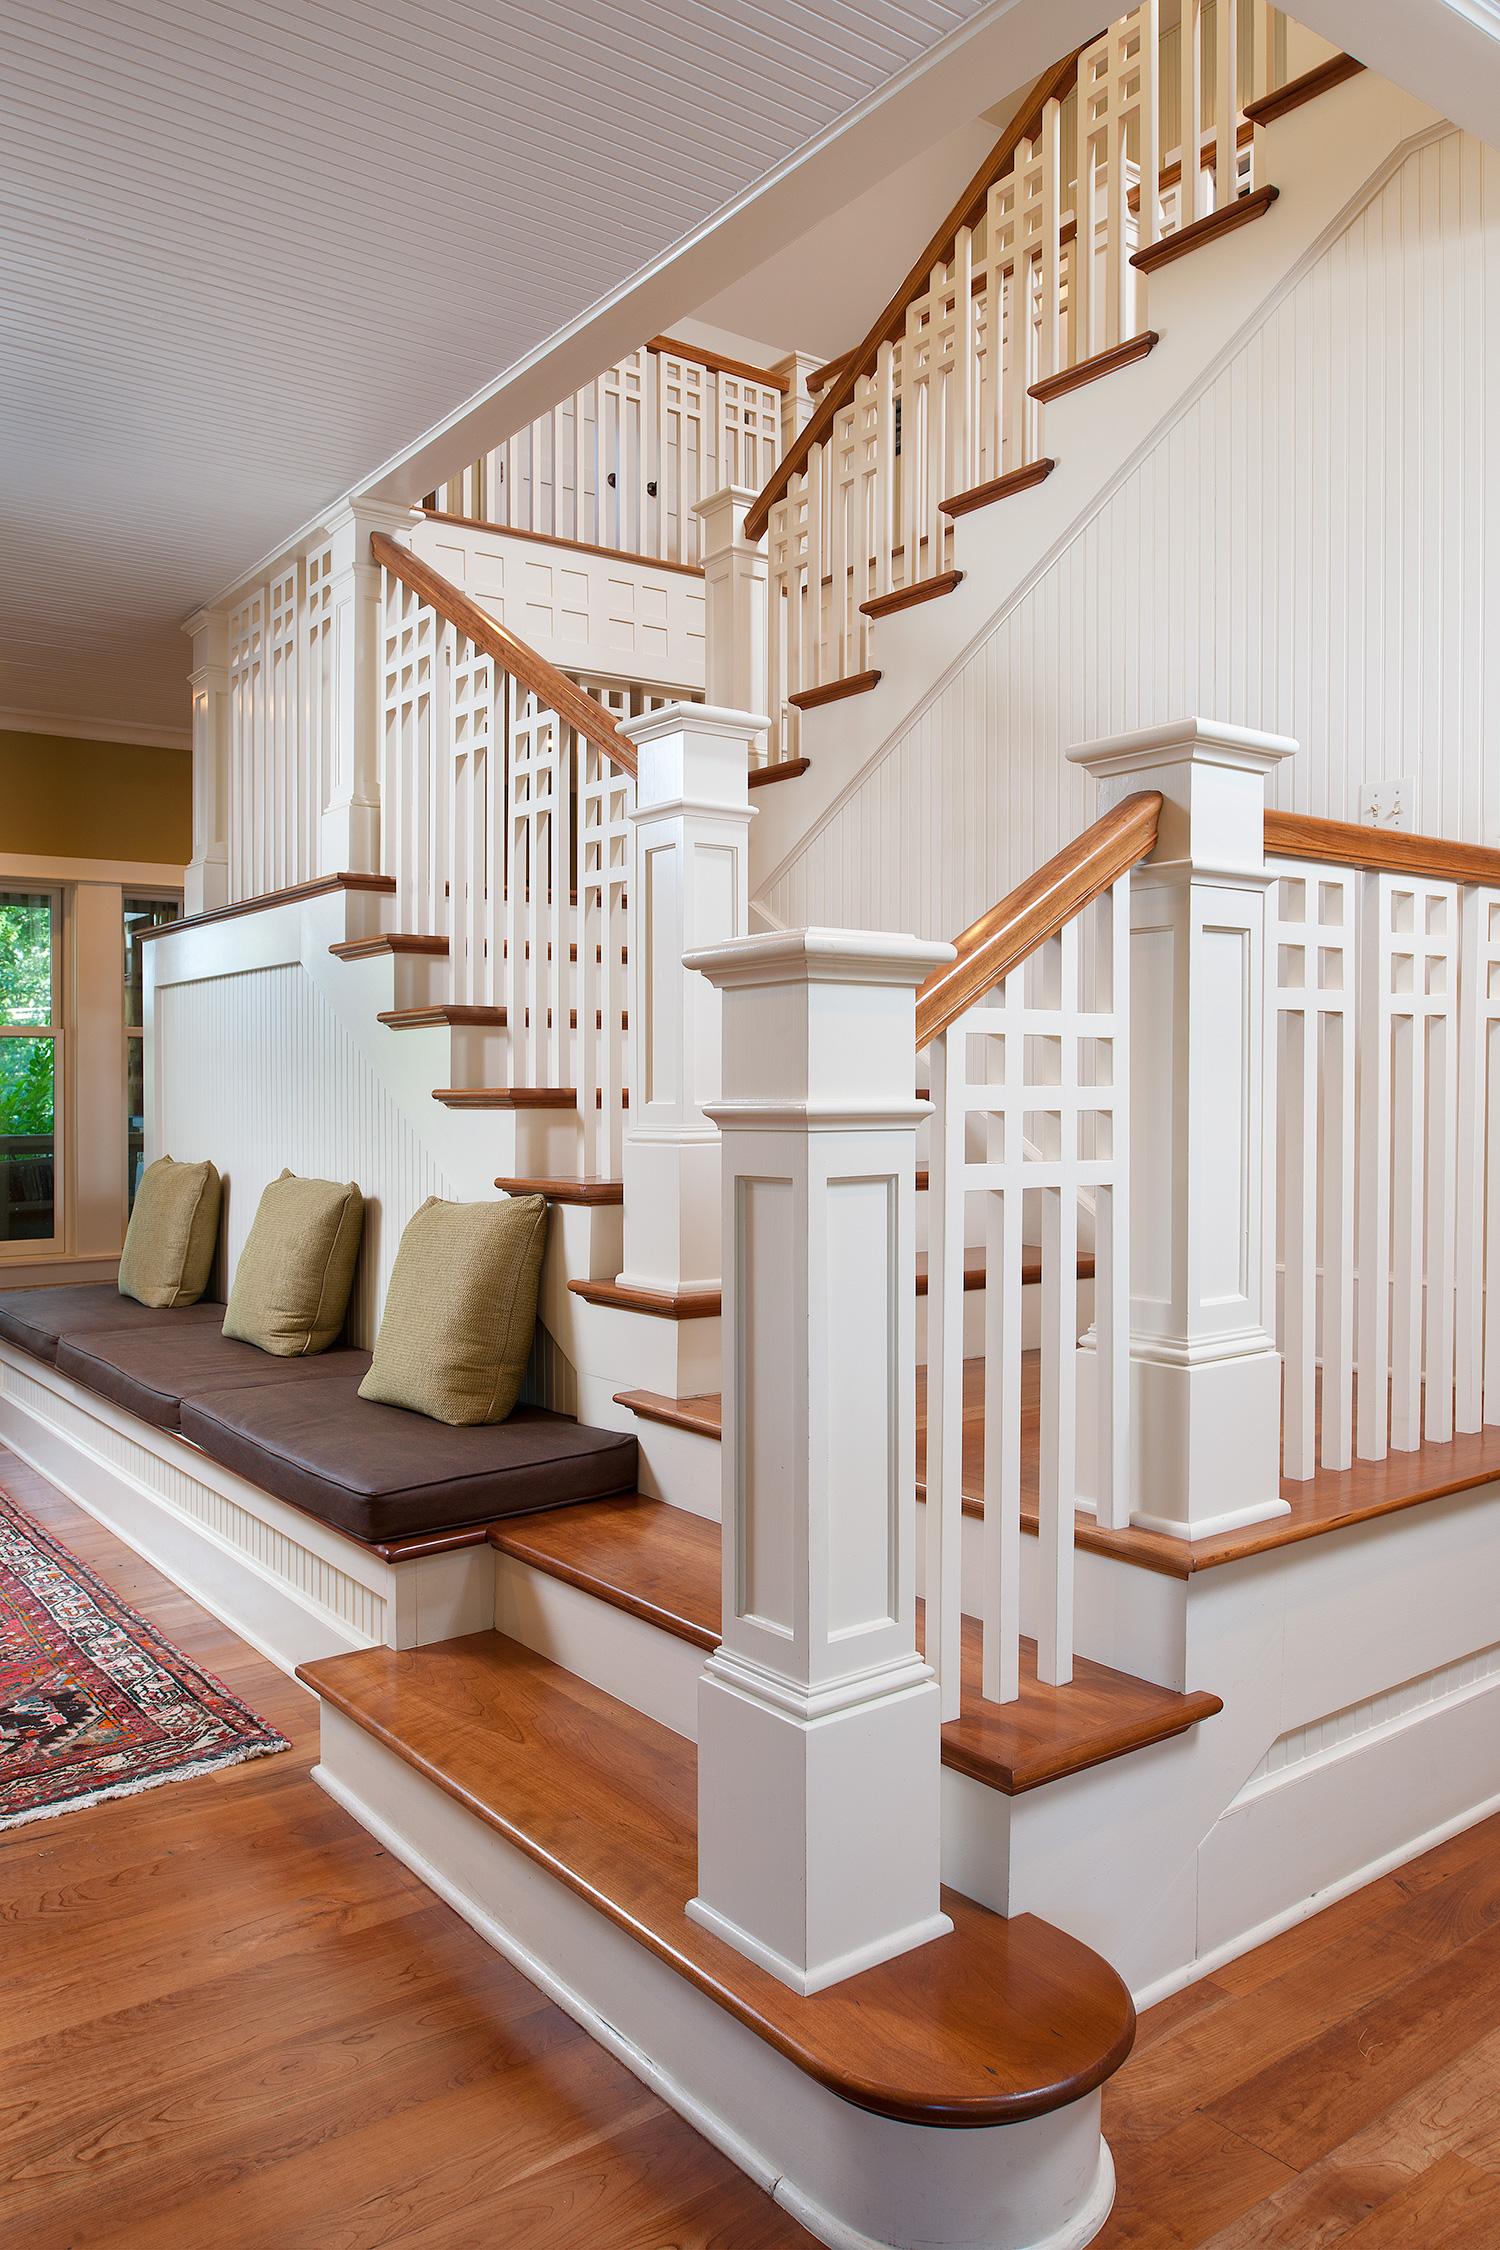 gosnell_builders_custom_home_hess11.jpg